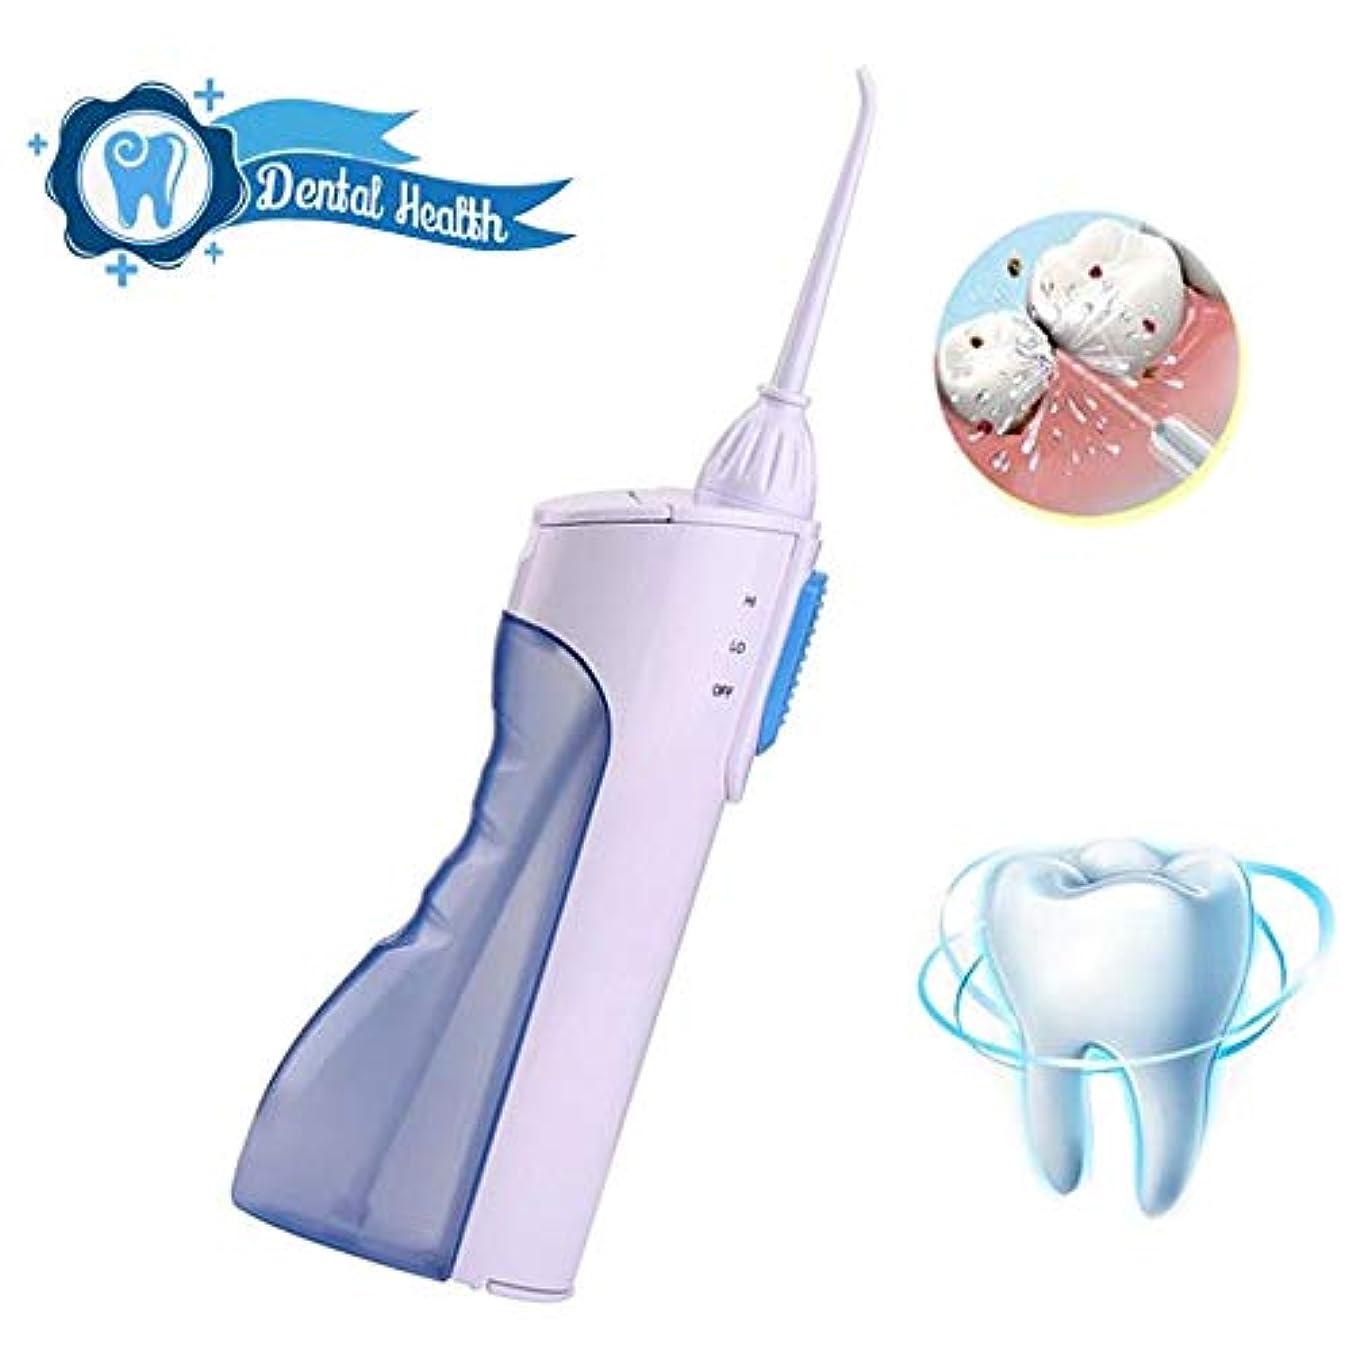 テレビ医師パーティー歯のための水フロッサー、165mlタンクと2つのジェット機の先端が付いている携帯用専門のコードレス歯科口頭潅漑器、2つのクリーニングモード